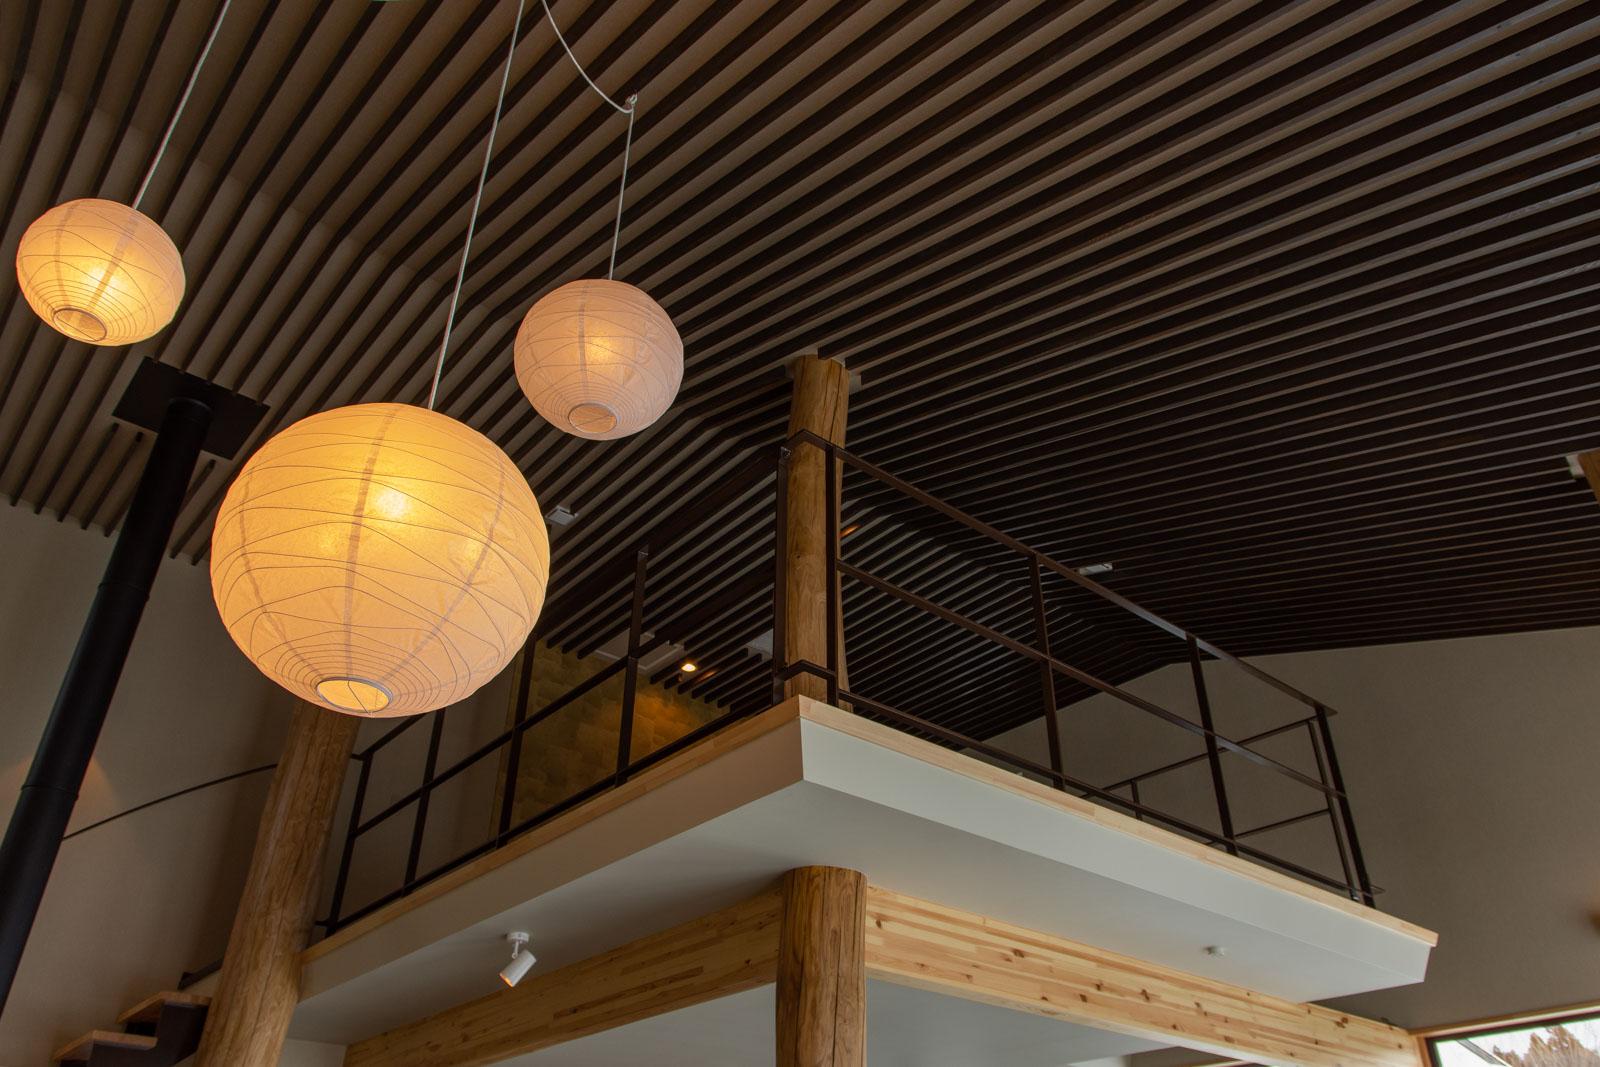 リビングから吹き抜けを見上げる。2階は屋内テラス風の空間にし、吹き抜けとの空間的つながりを優先した